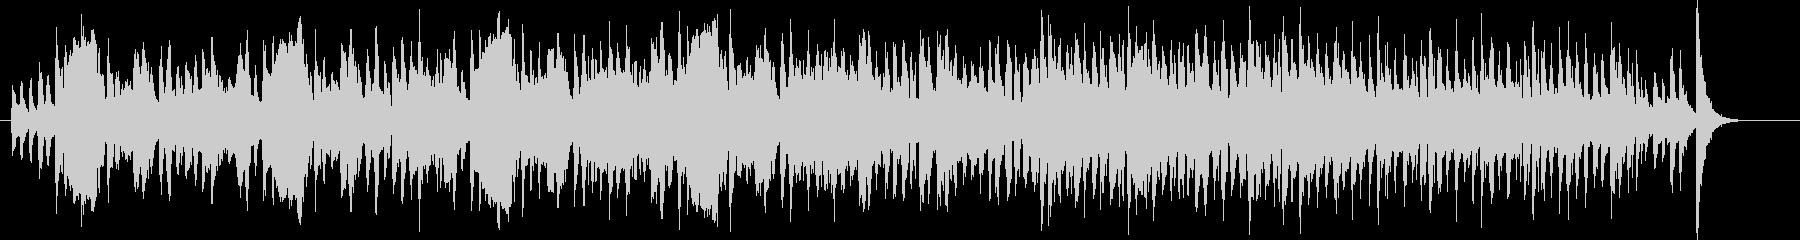 クラシック調金管楽器シンセなどの曲の未再生の波形